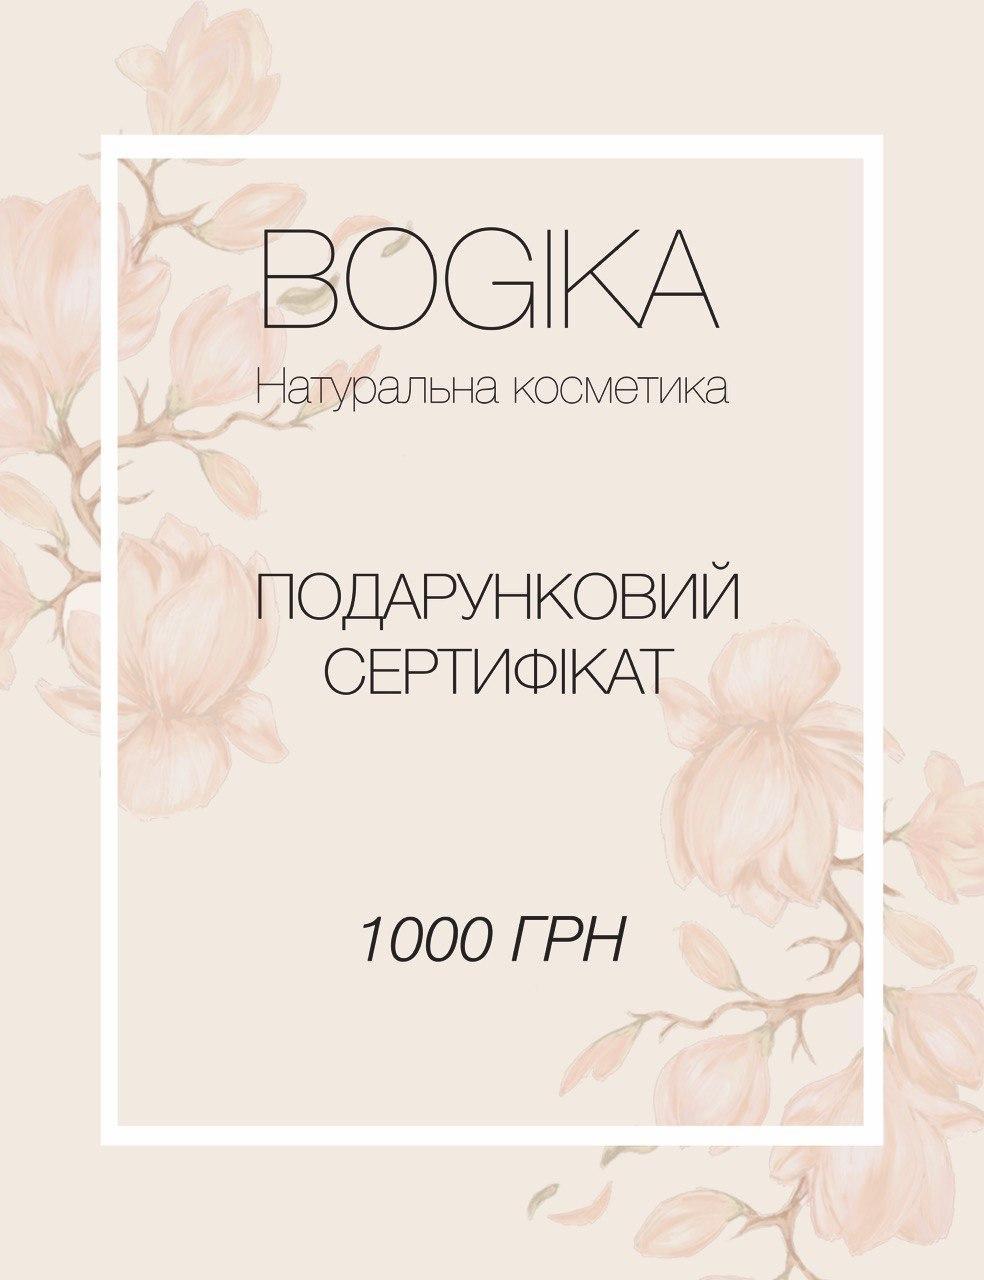 Подарунковий сертифікат на натуральну косметику BOGIKA 1000 грн